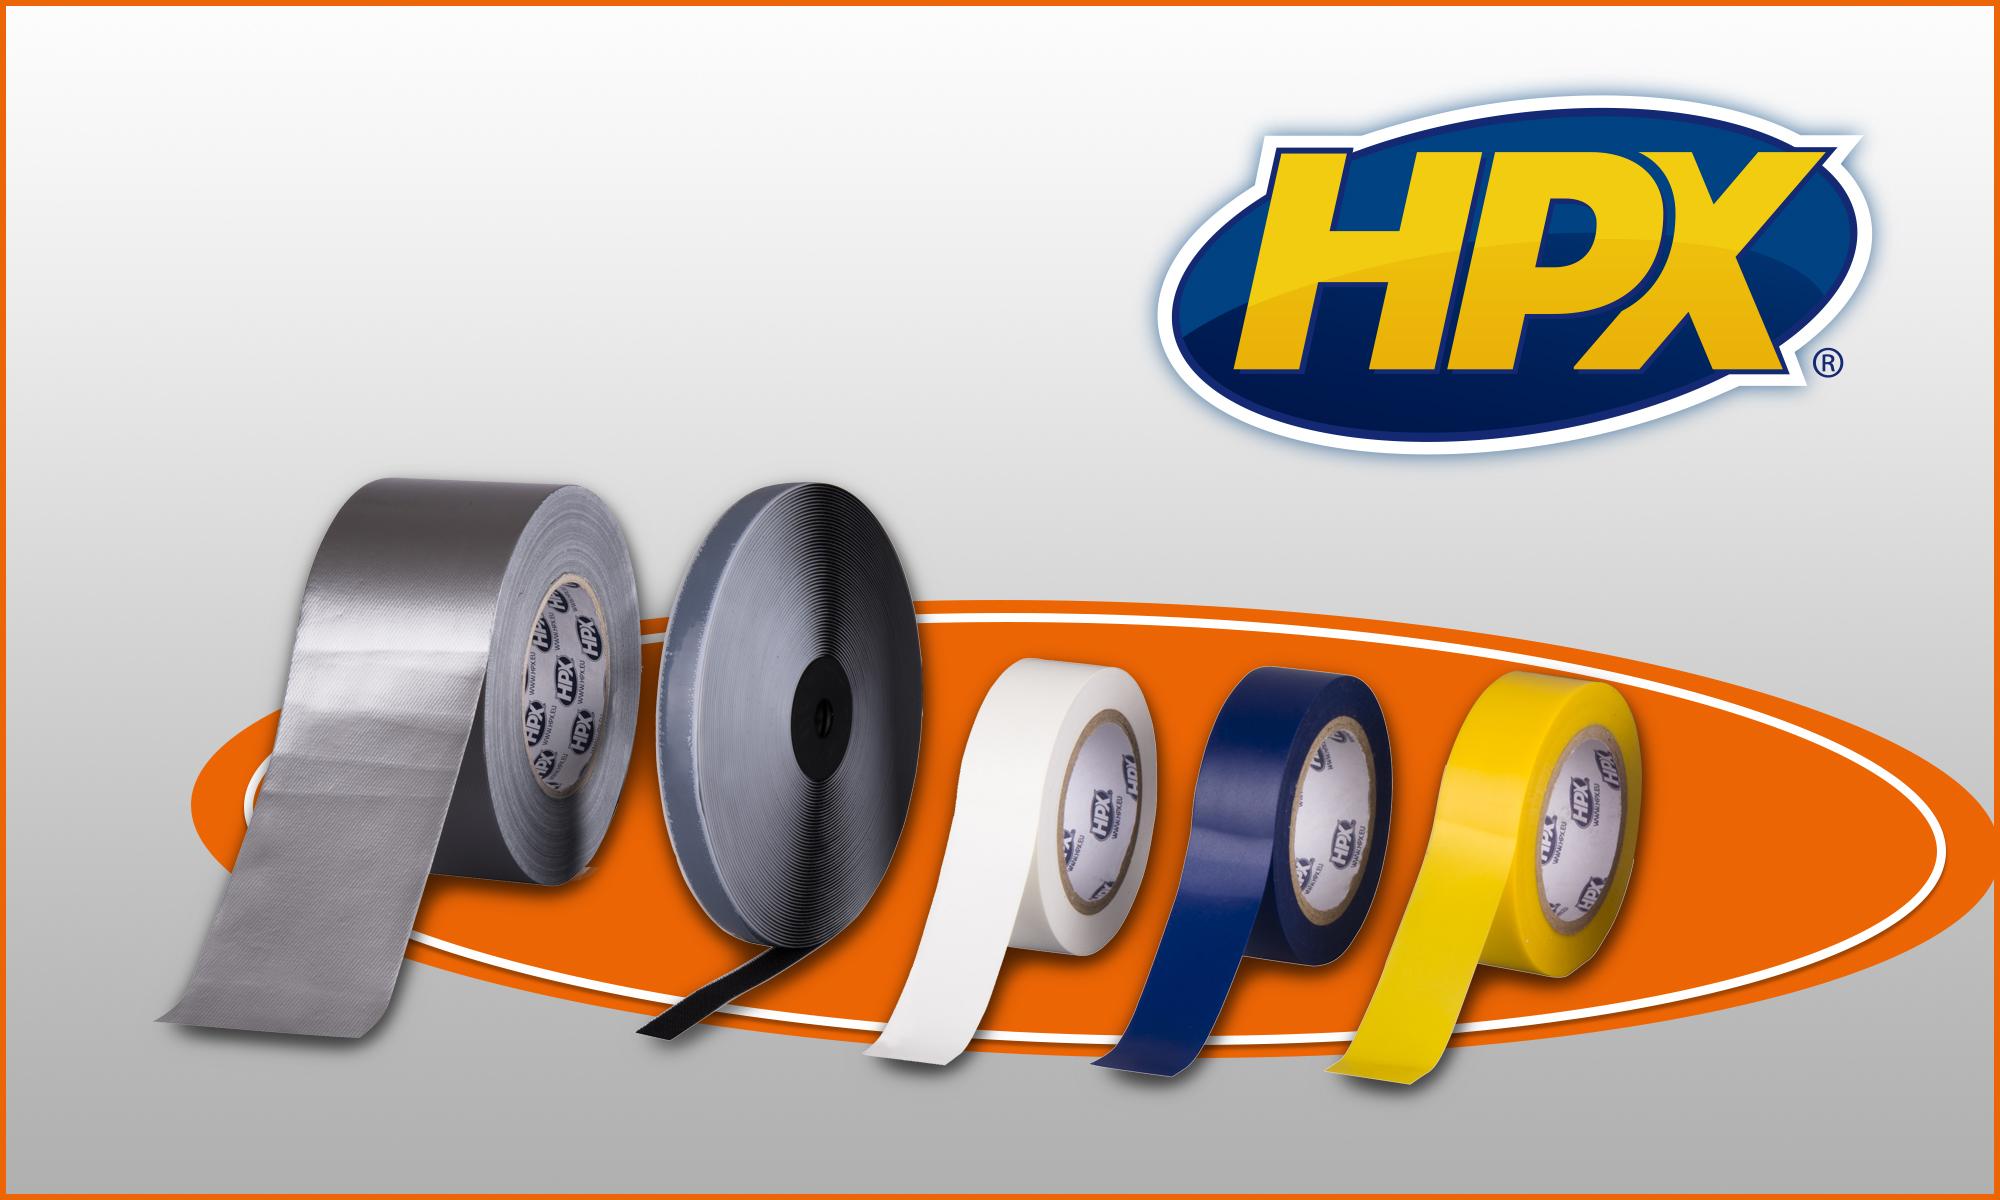 Rubans HPX à un prix promotionnel